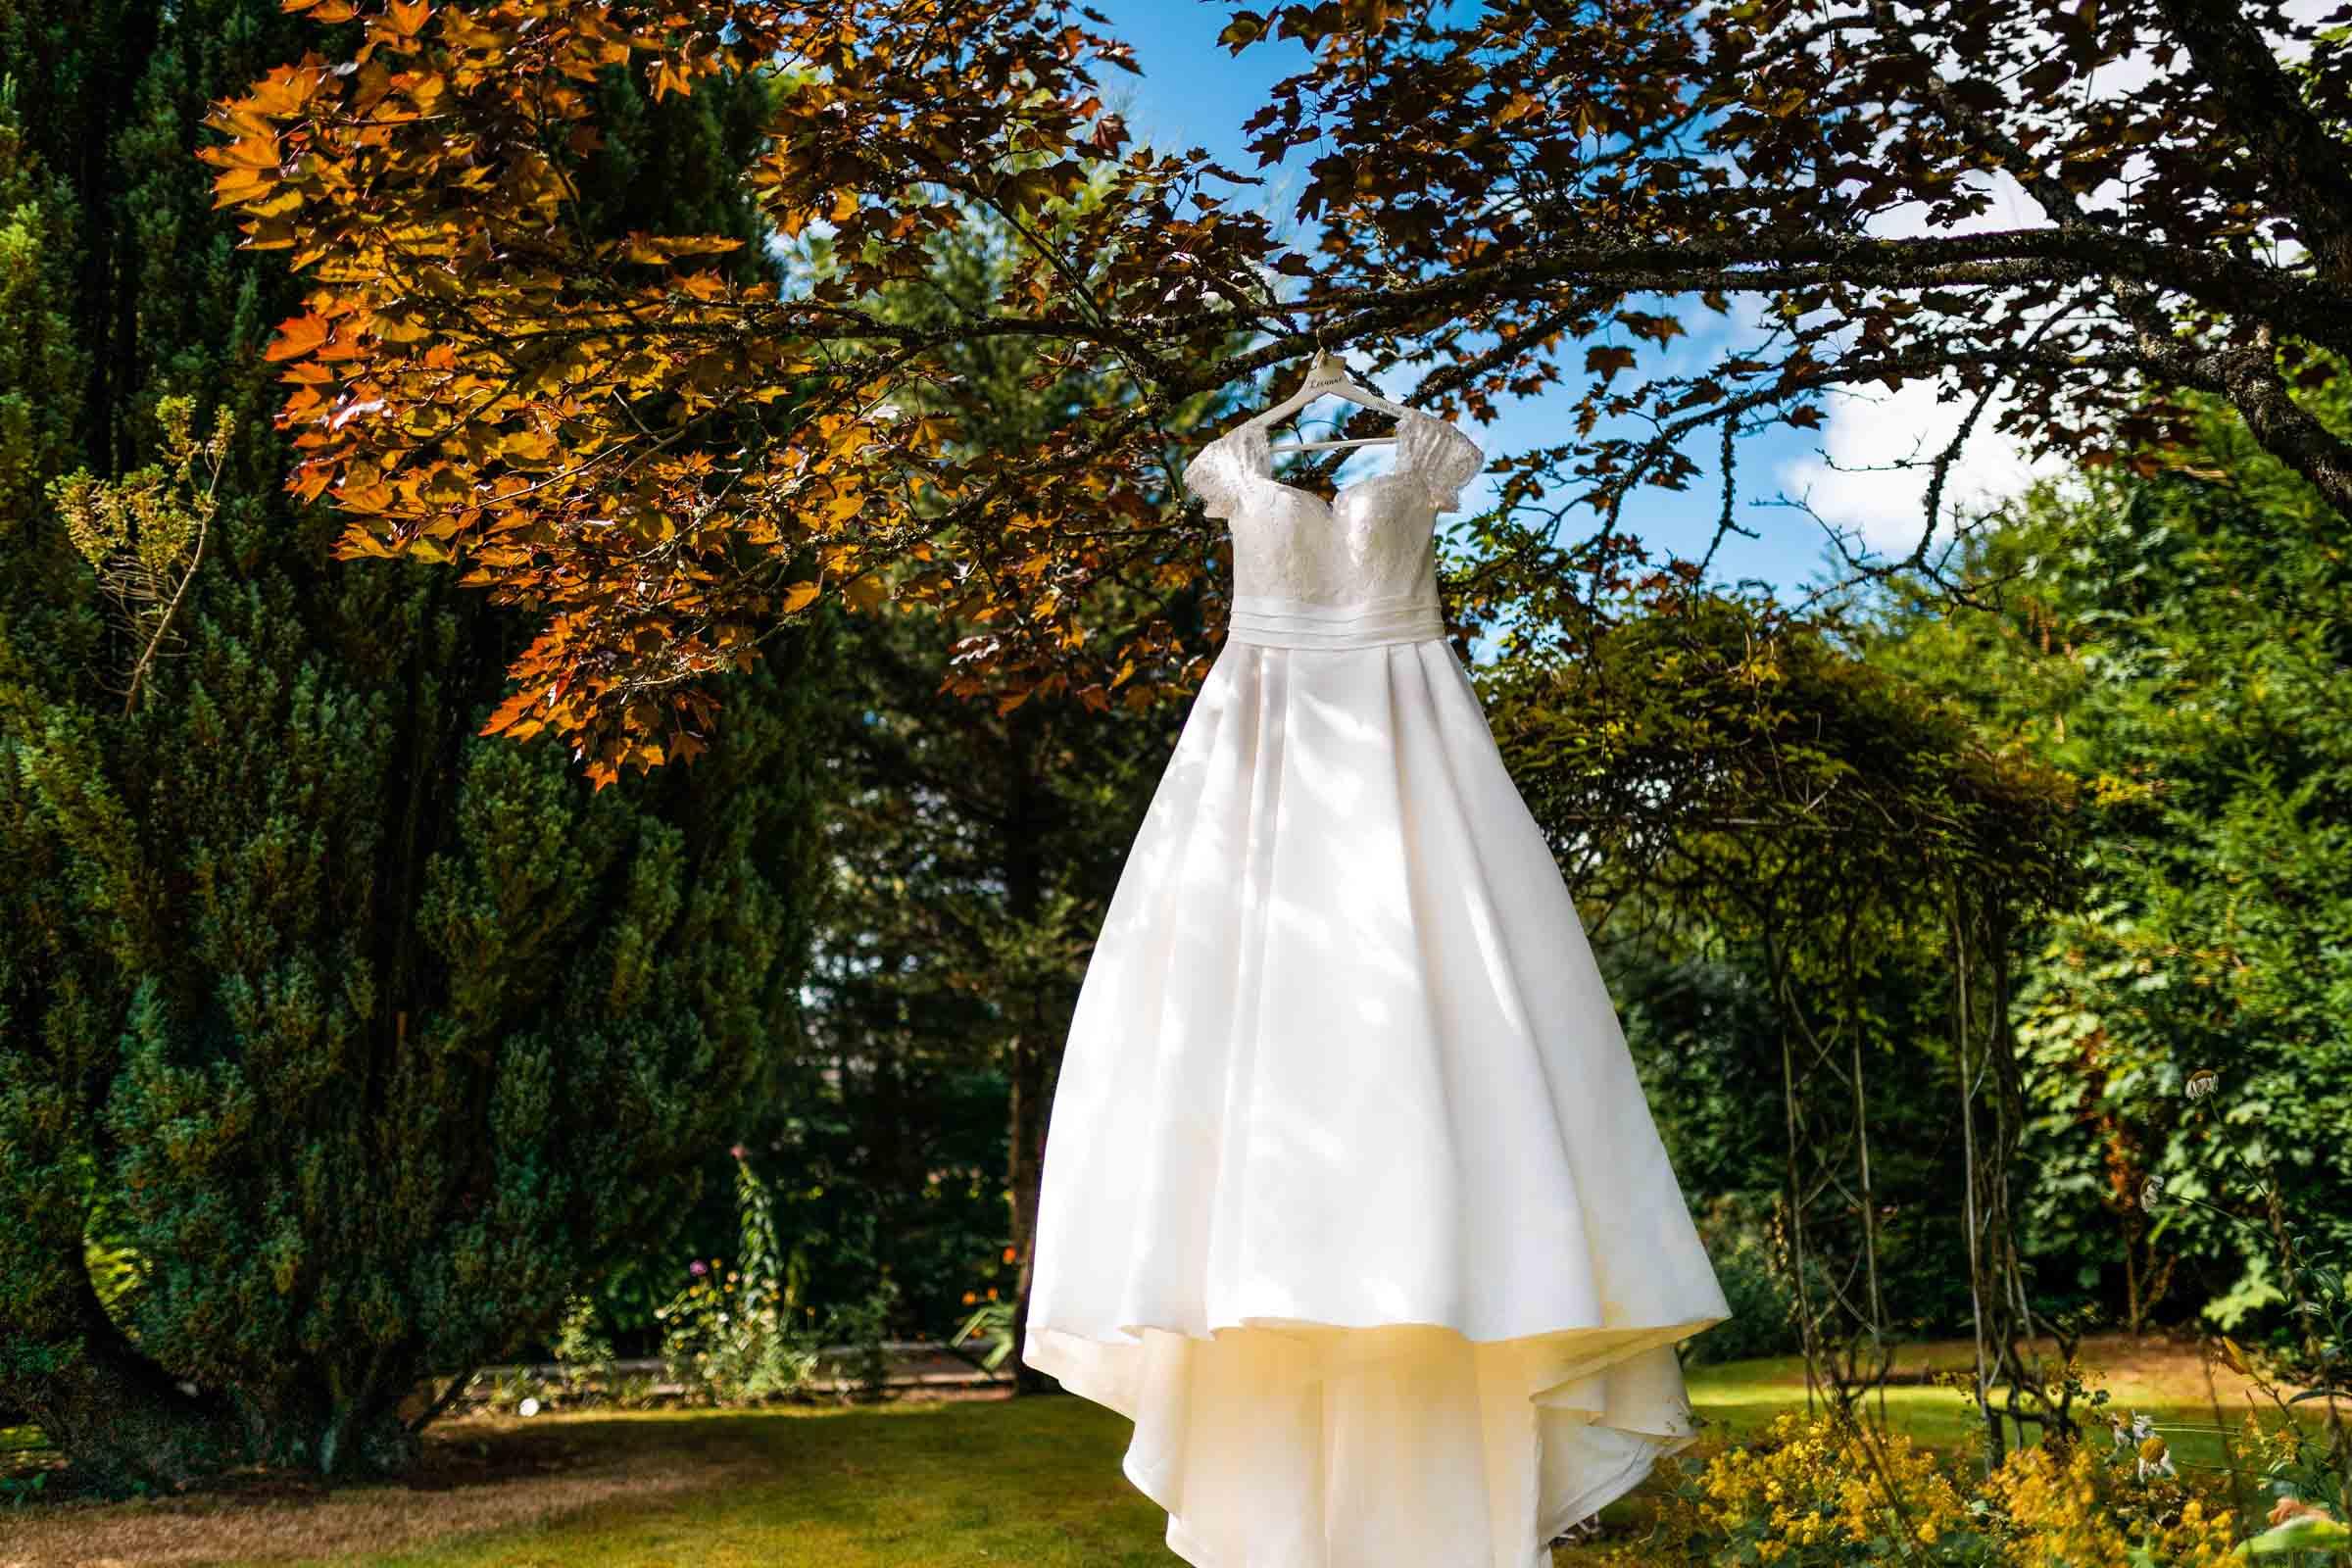 dalmeny_park_wedding__glasgow_dearlyphotography (2 of 13).jpg